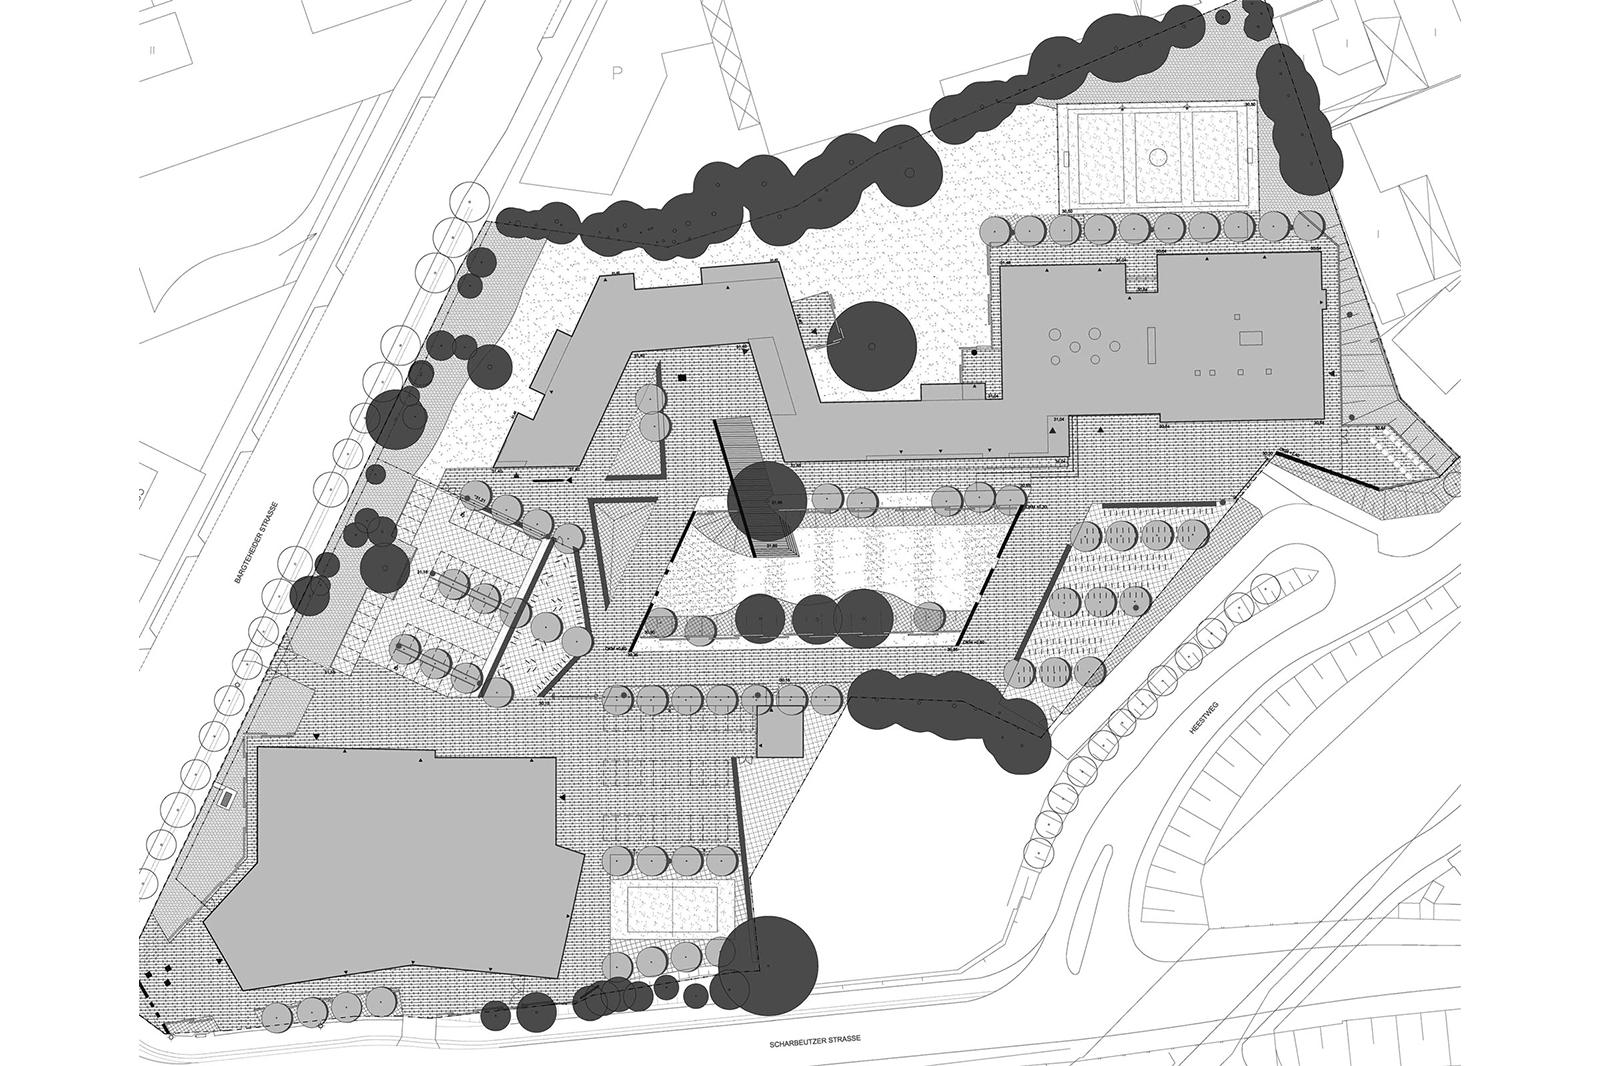 gymnasium-rahlstedt-lageplan-entwurfsplan-armbruster-aussenanlagen-landschaftsarchitektur